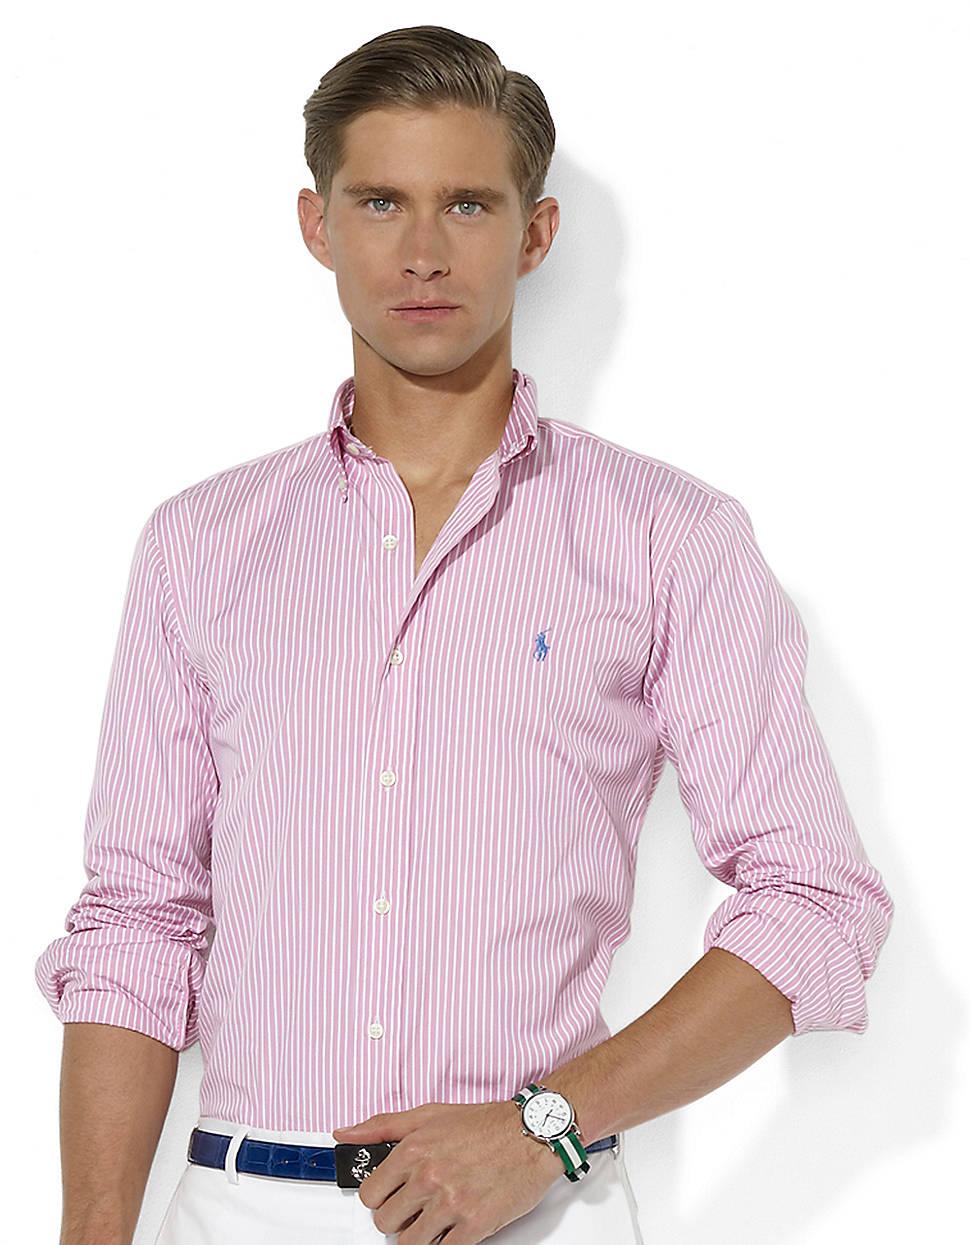 5cf3e8d29c ... button down in 5963d d645c; coupon for lyst polo ralph lauren customfit  striped cotton poplin shirt in 9d6ad 7e9a0